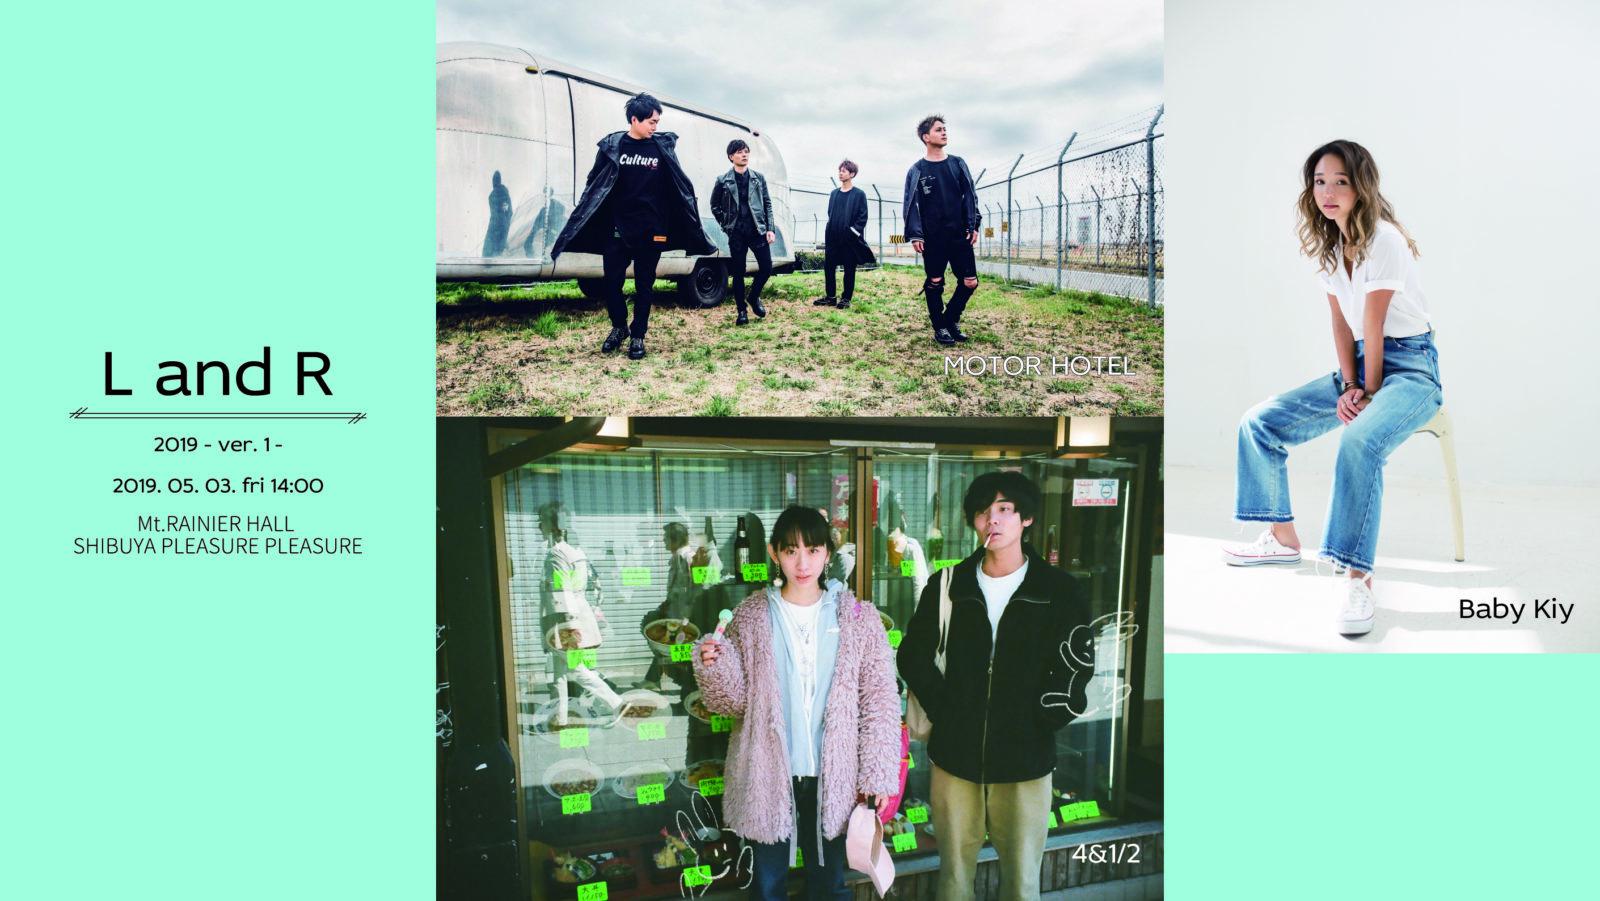 令和最初の音楽によるライフチューニングイベント5月3日(金)に渋谷にて開催サムネイル画像